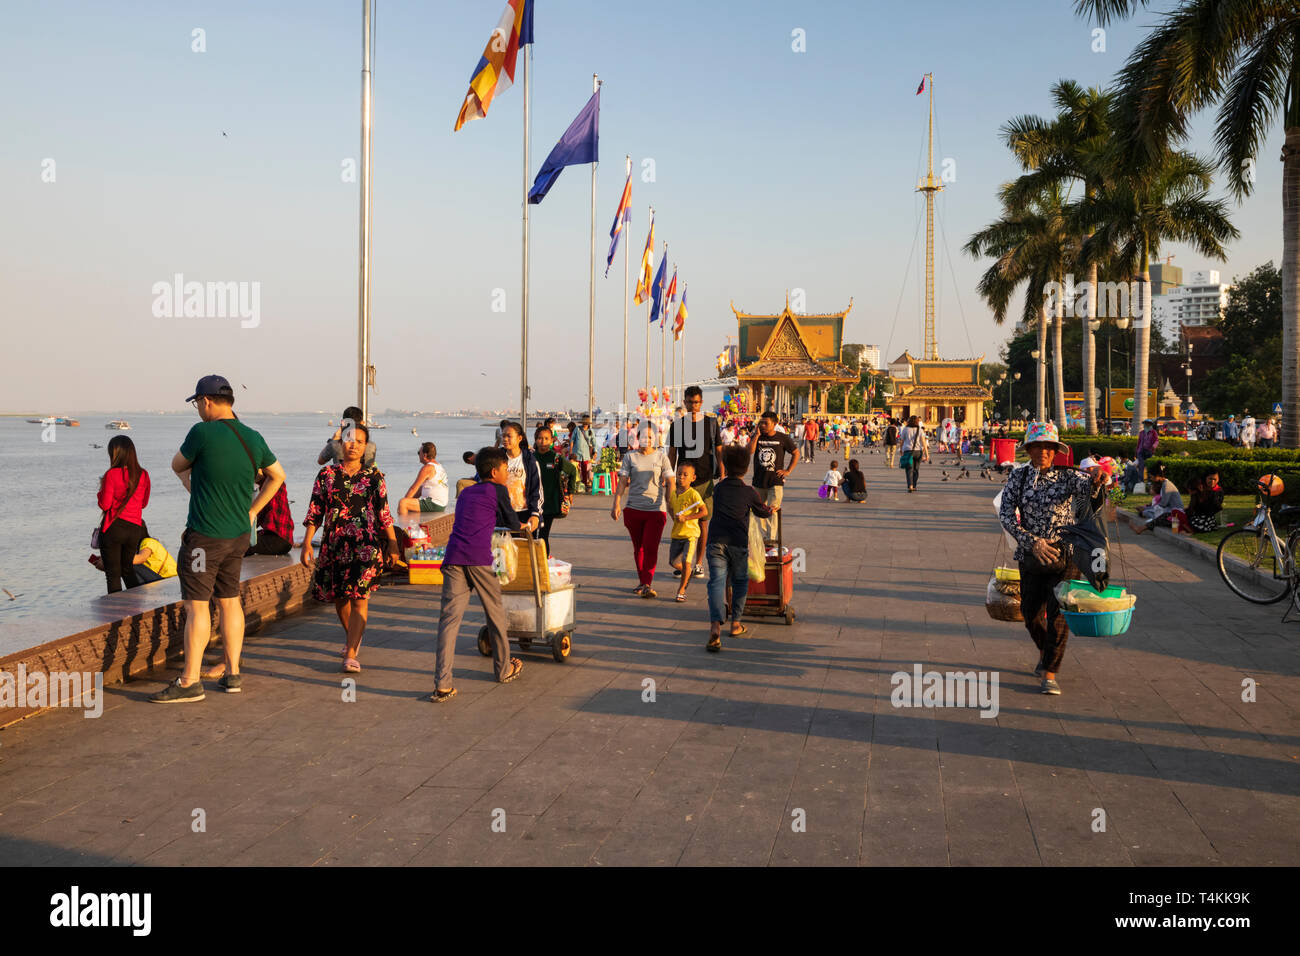 Riverside Szene bei Sonnenuntergang in der Nähe des Königlichen Palastes, sisowath Quay, Phnom Penh, Kambodscha, Südostasien, Asien Stockbild